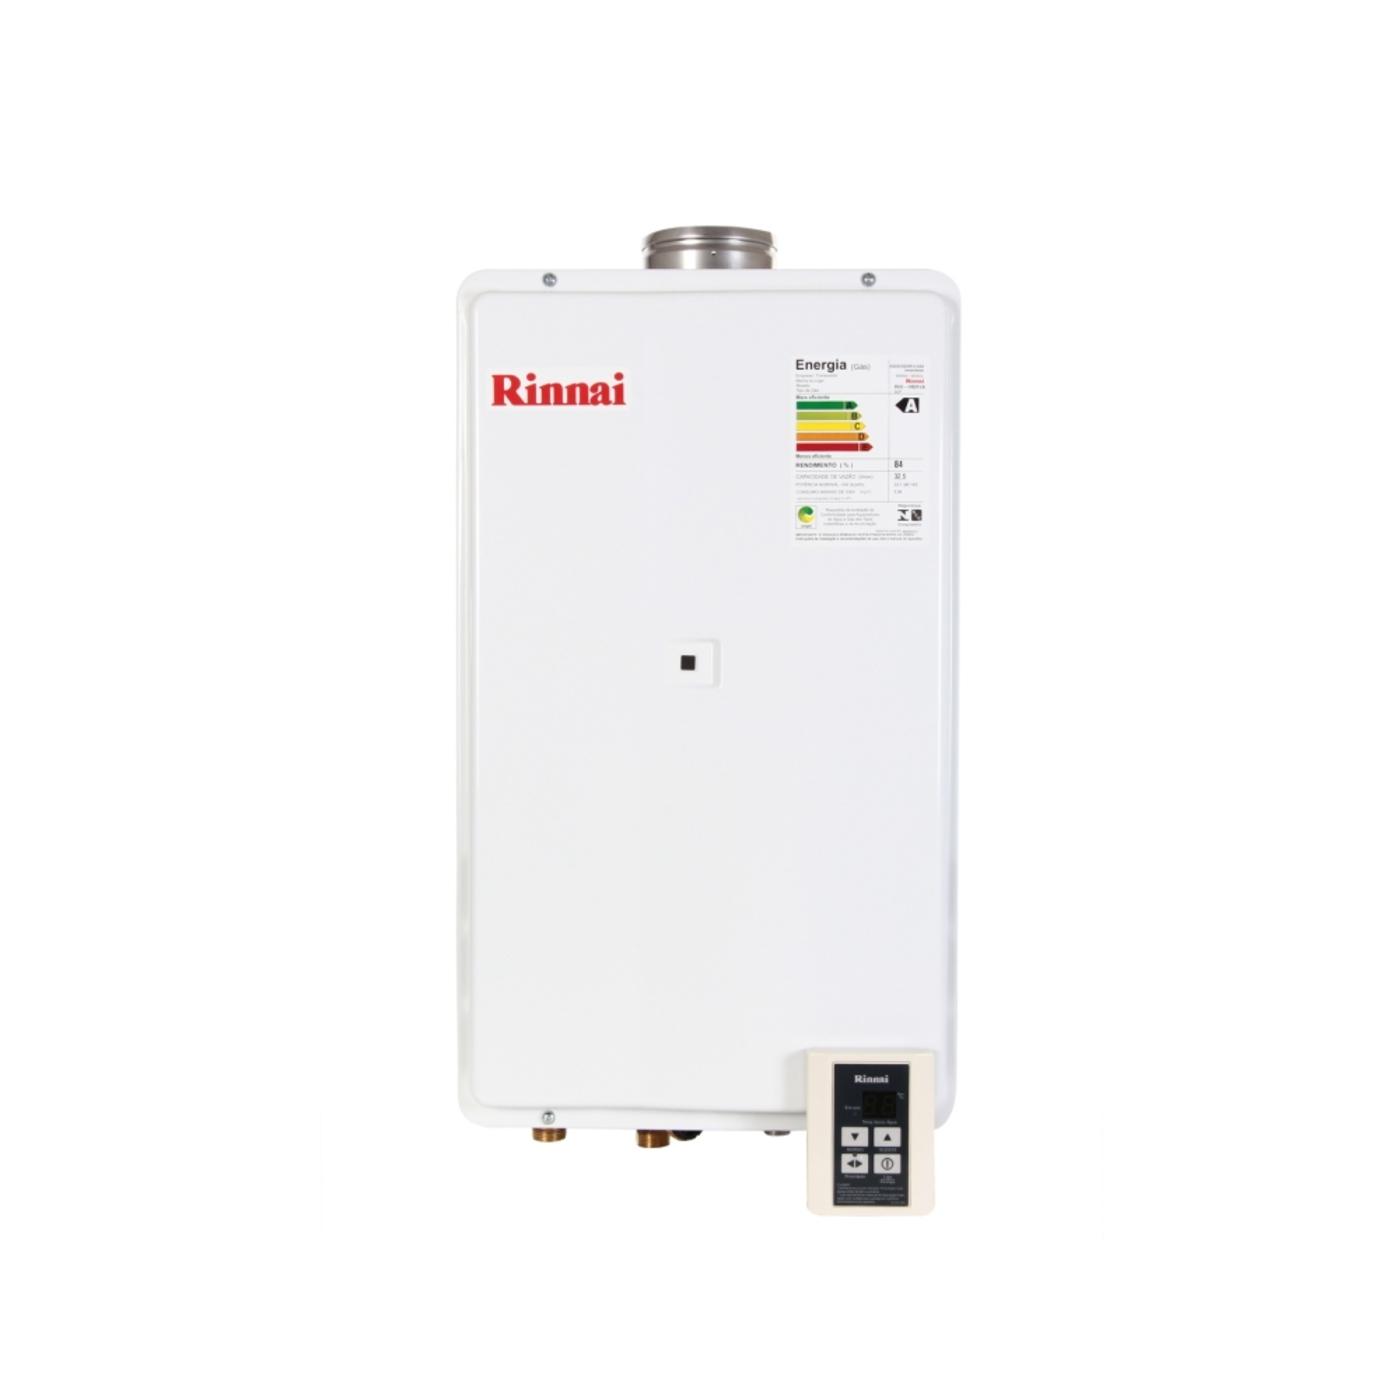 Água a Gás Rinnai 32 5 Litros Digital REU 2402 FEA FRETE GRÁTIS #B1A51A 1400x1400 Balança Digital Banheiro Frete Grátis